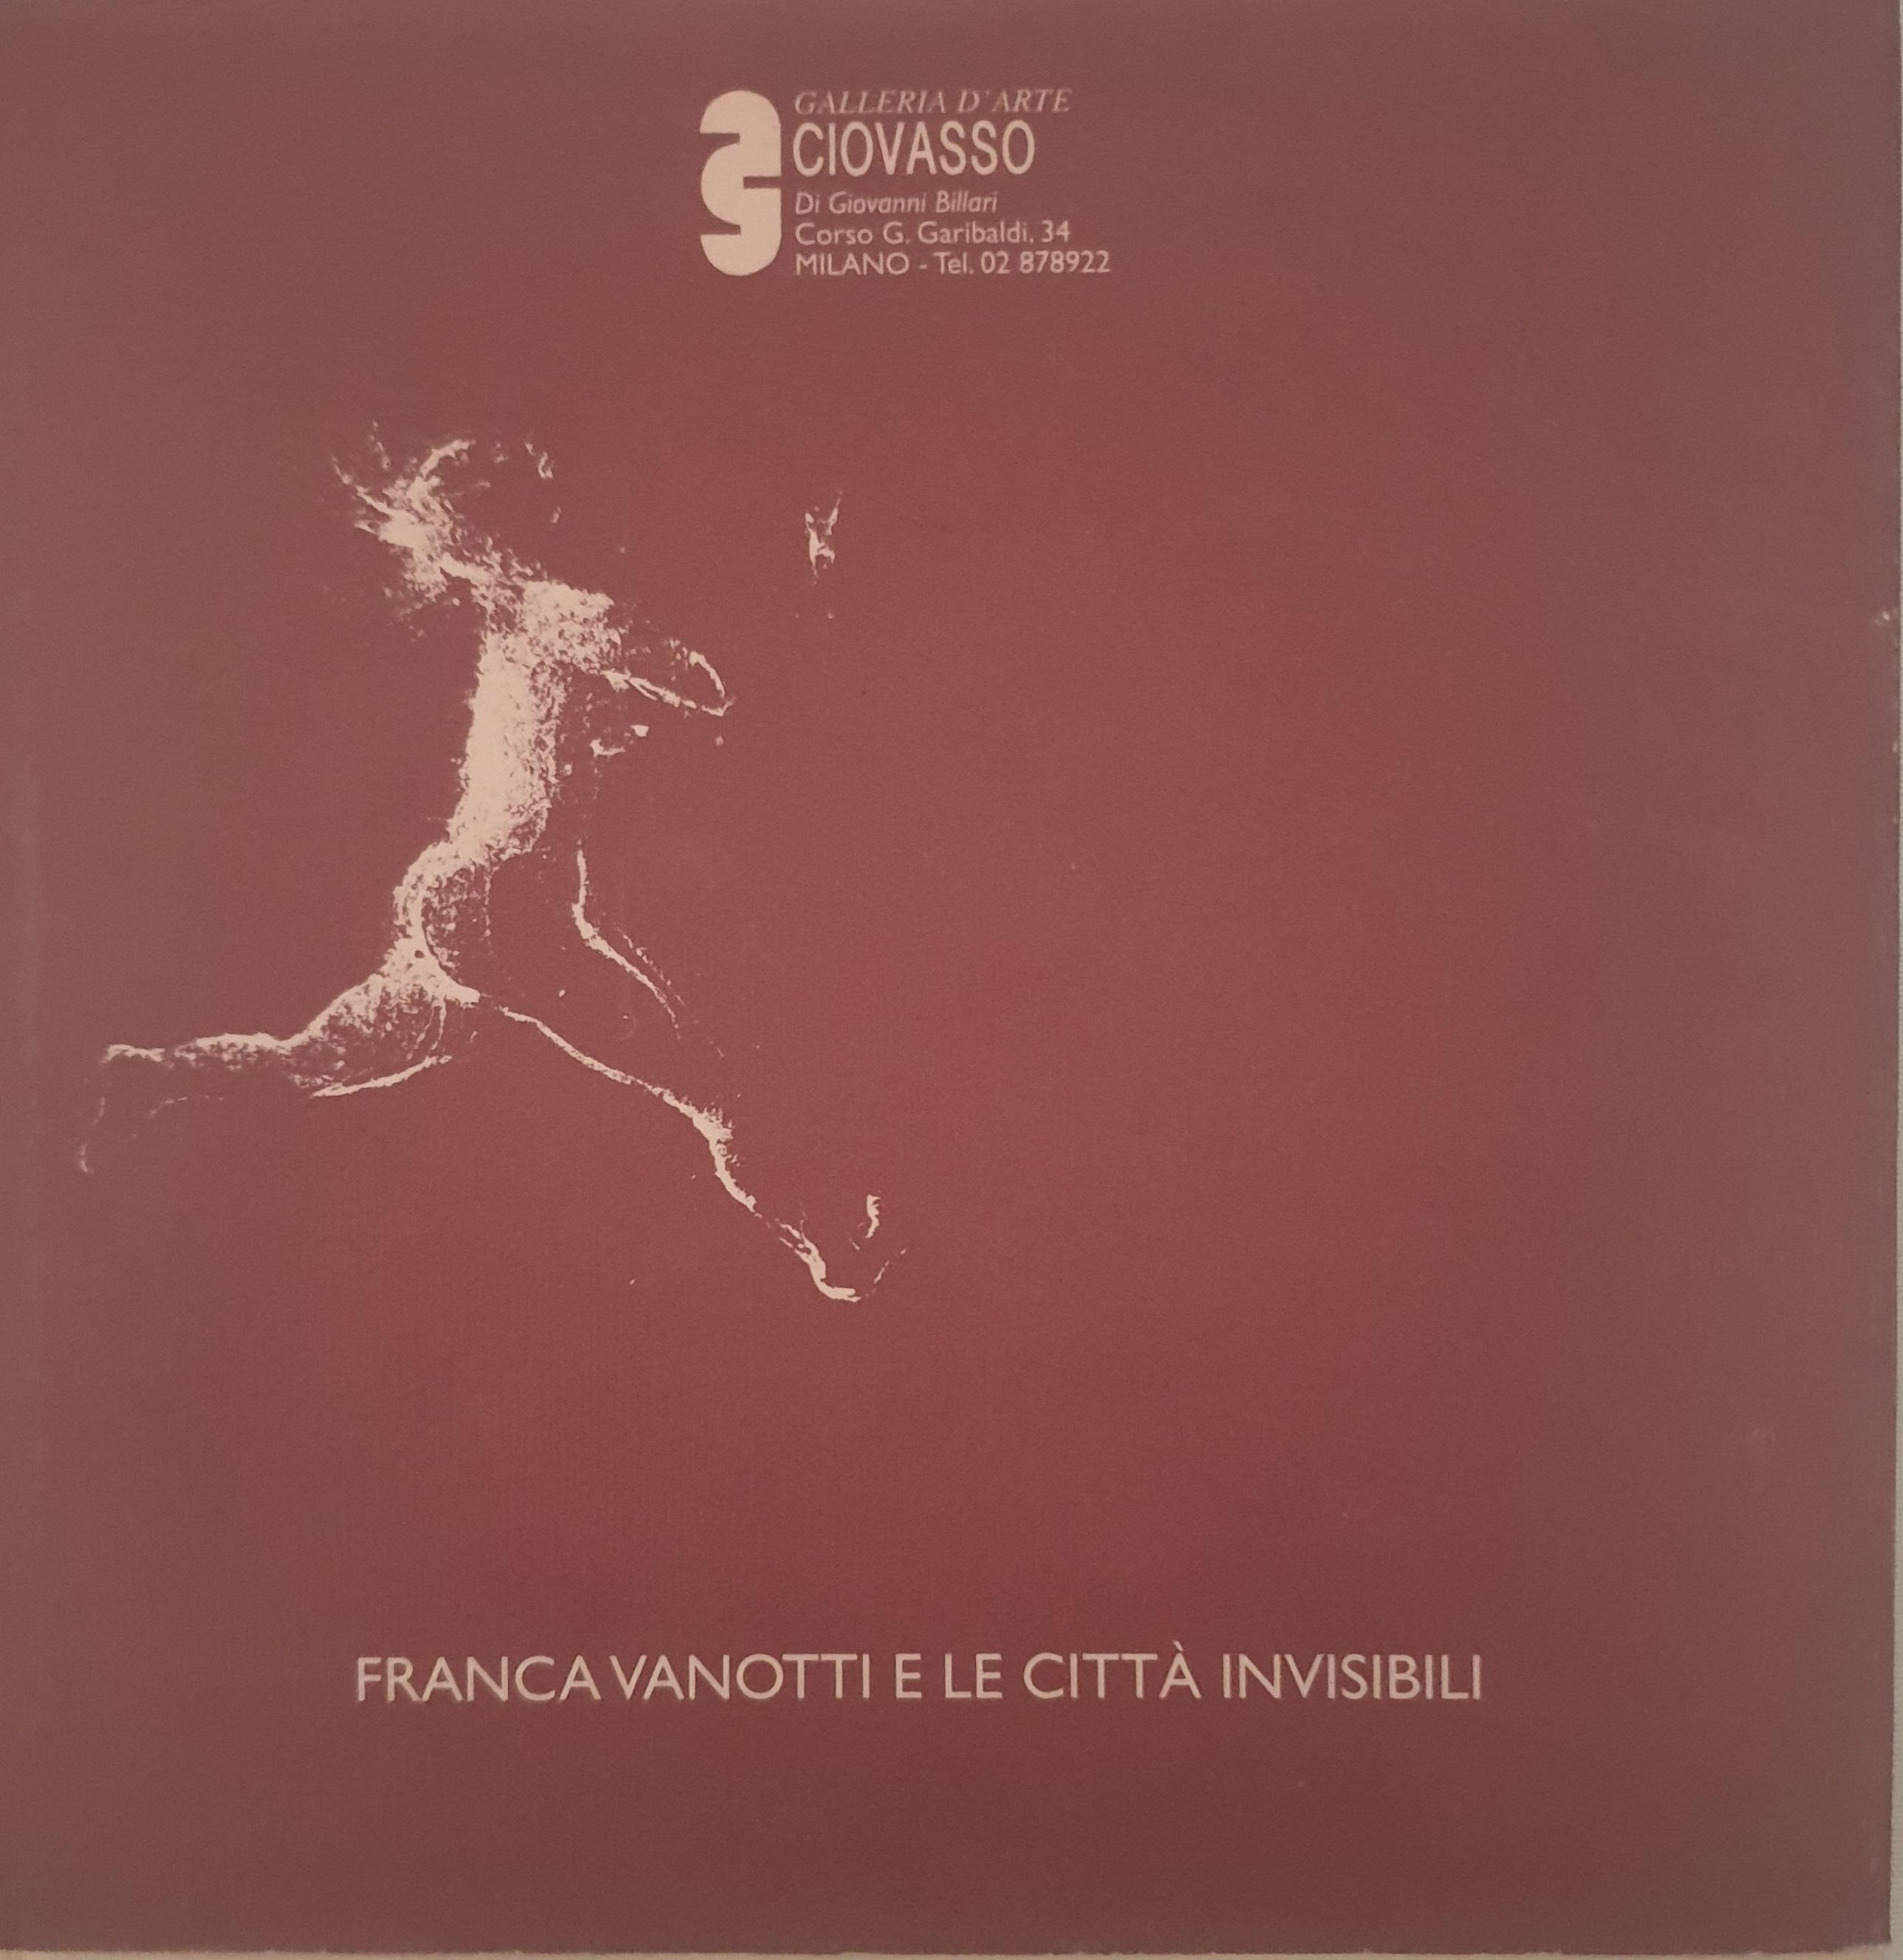 Franca Vanotti e le città invisibili